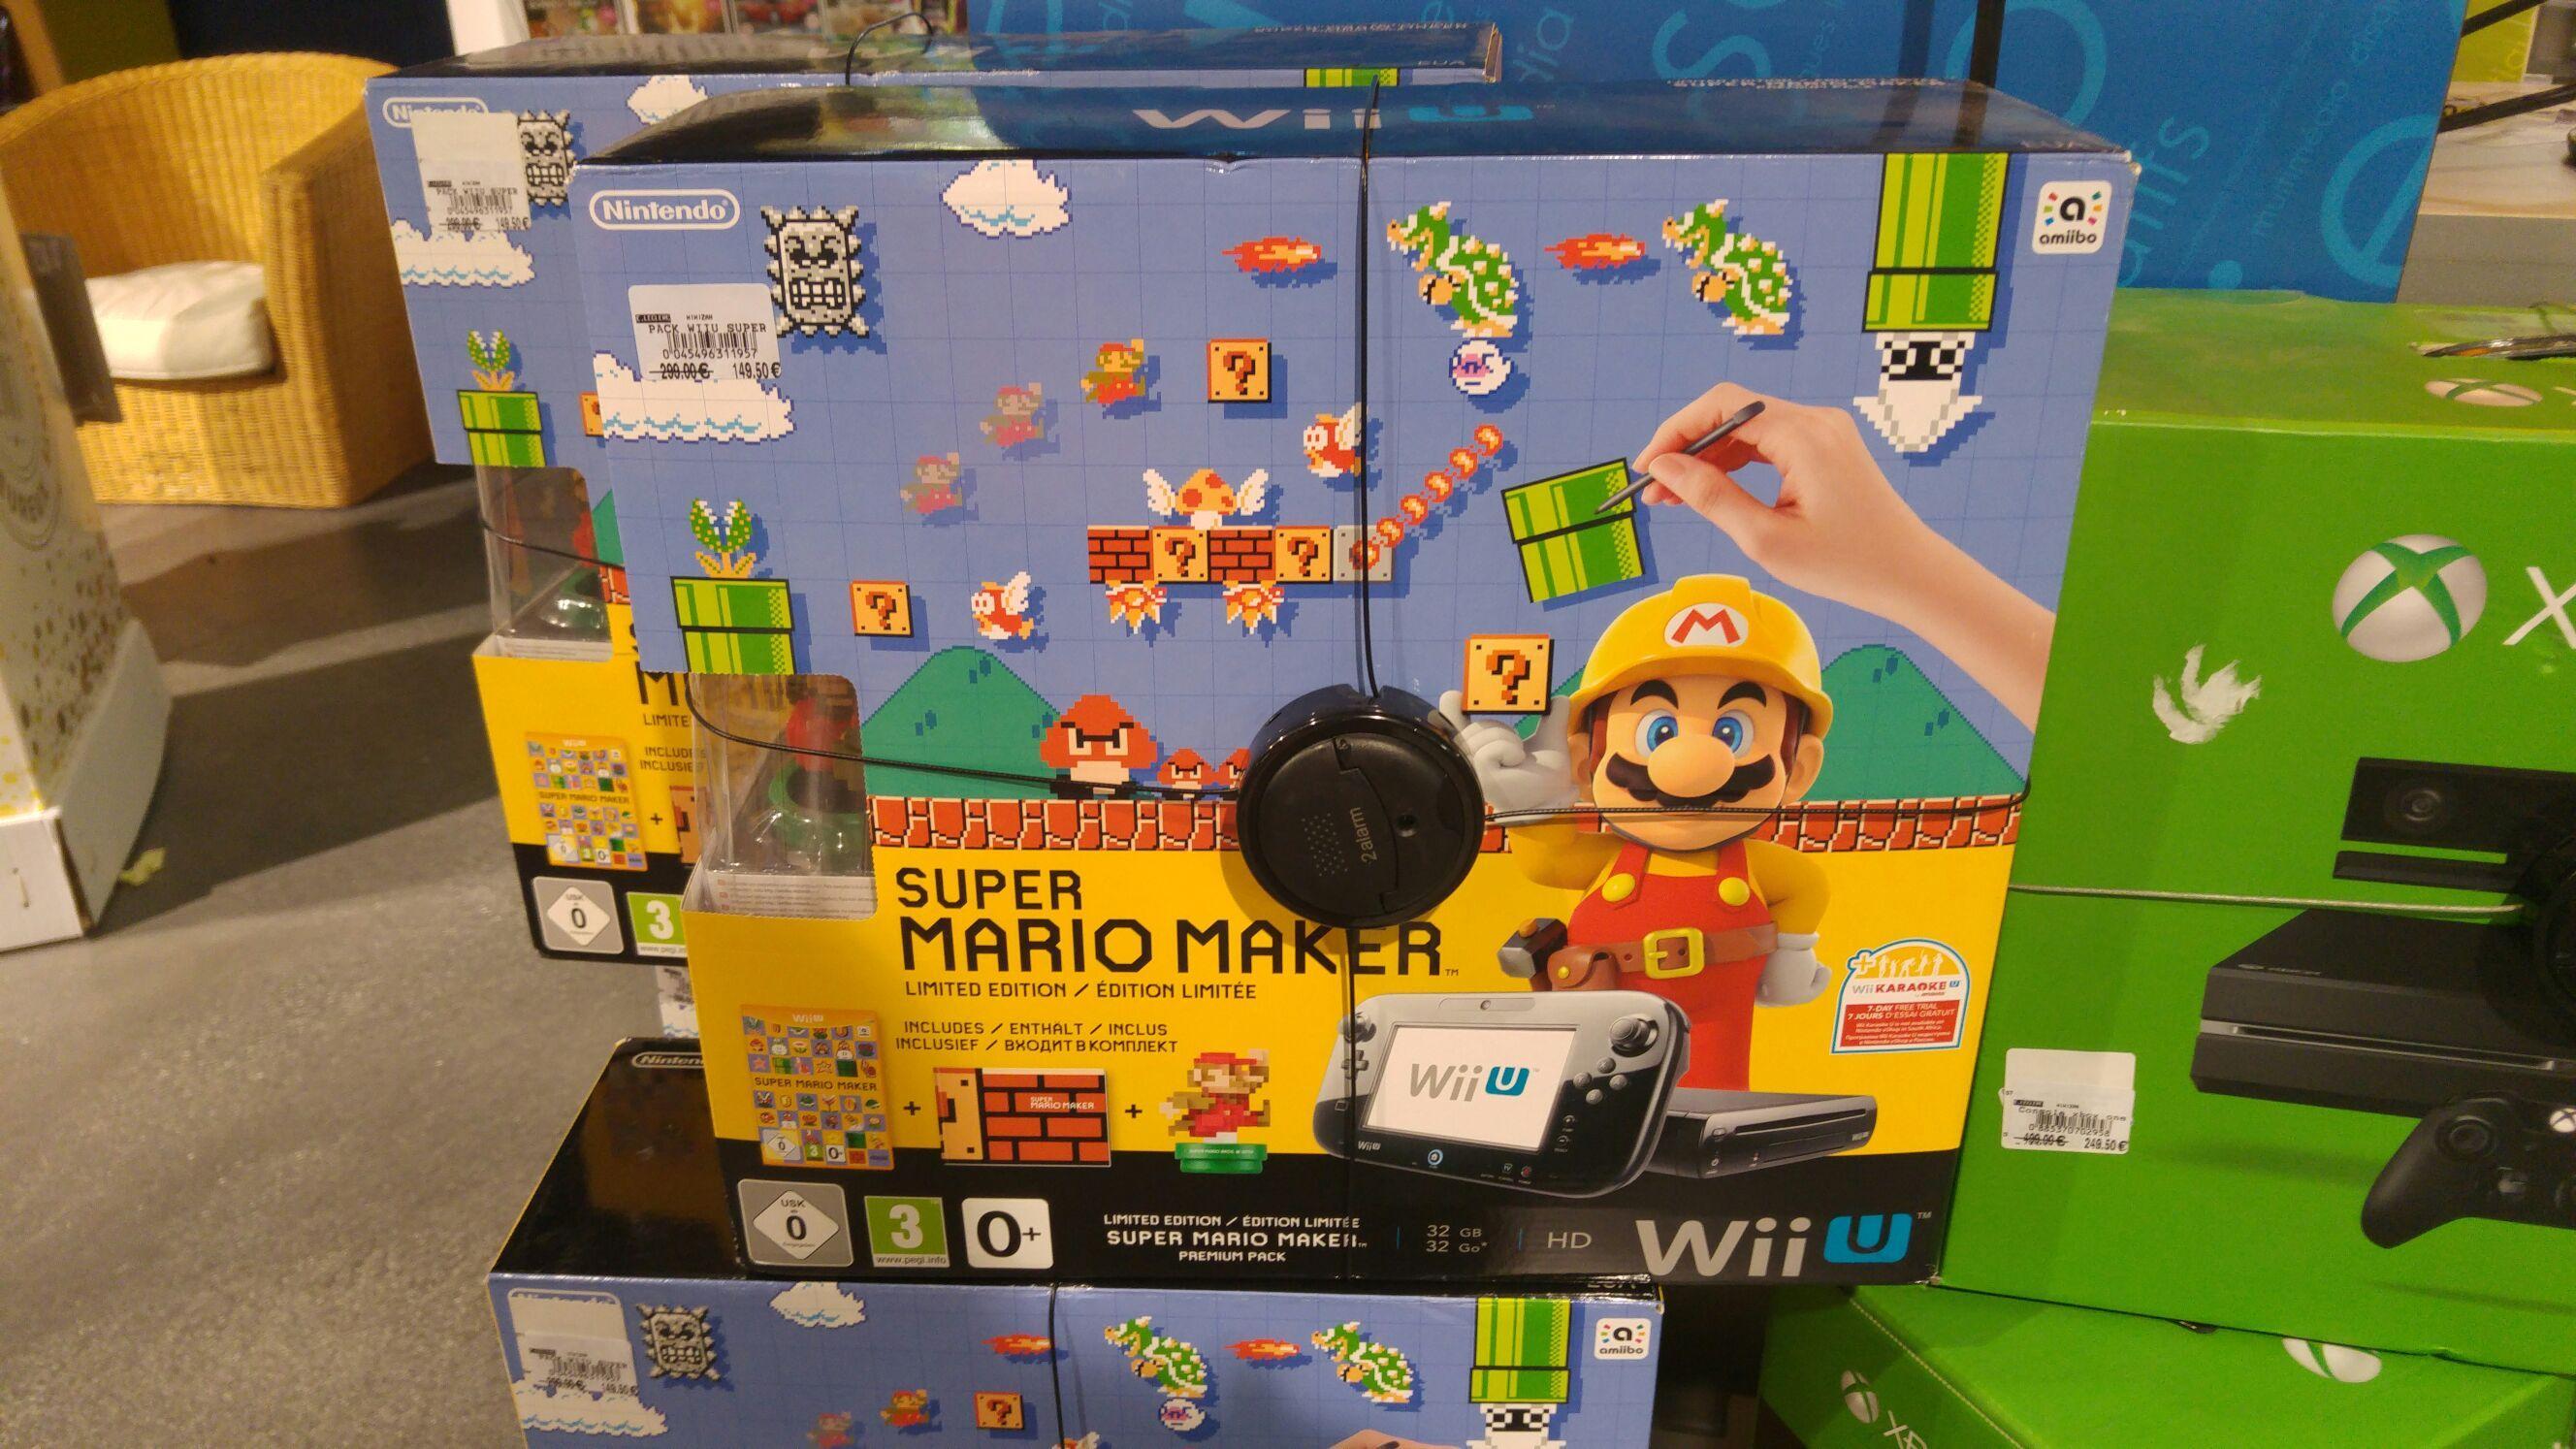 Sélection de produits en promotion - Ex : Console Nintendo Wii U Super Mario Maker 32 Go